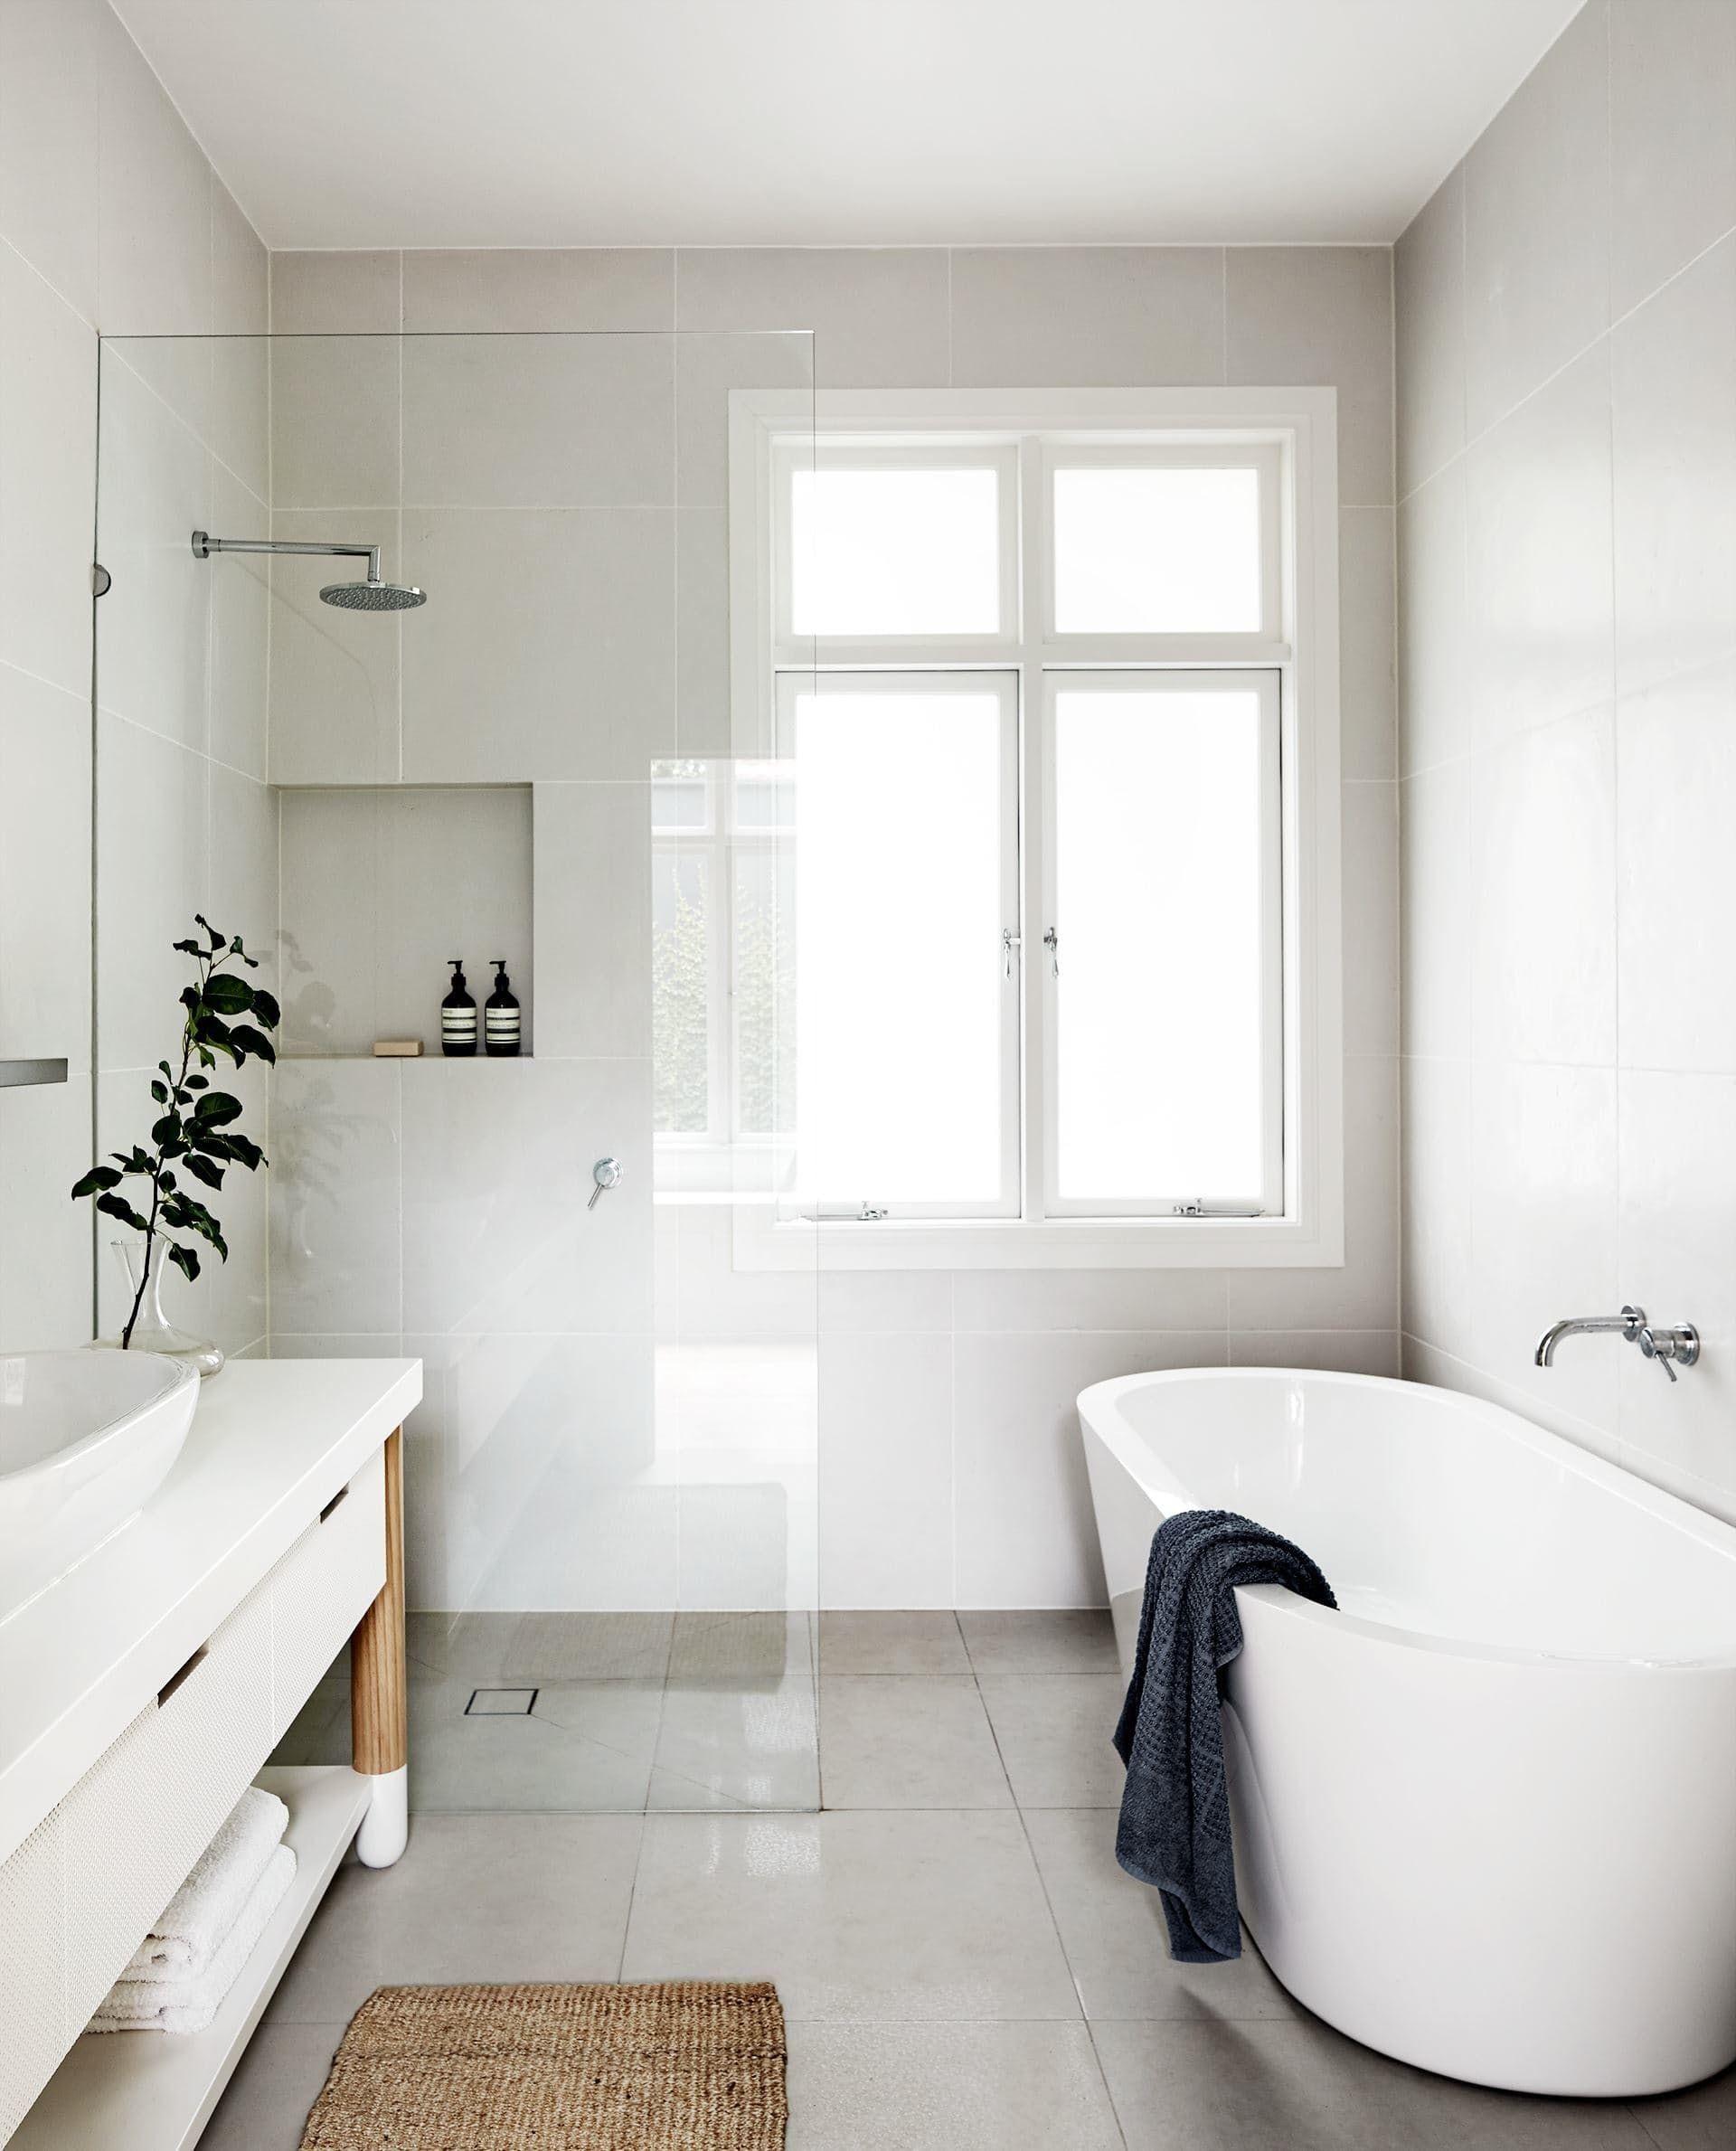 Moderne badkamer inspiratie met vrijstaand bad en inloopdouche #badkamerinspiratie